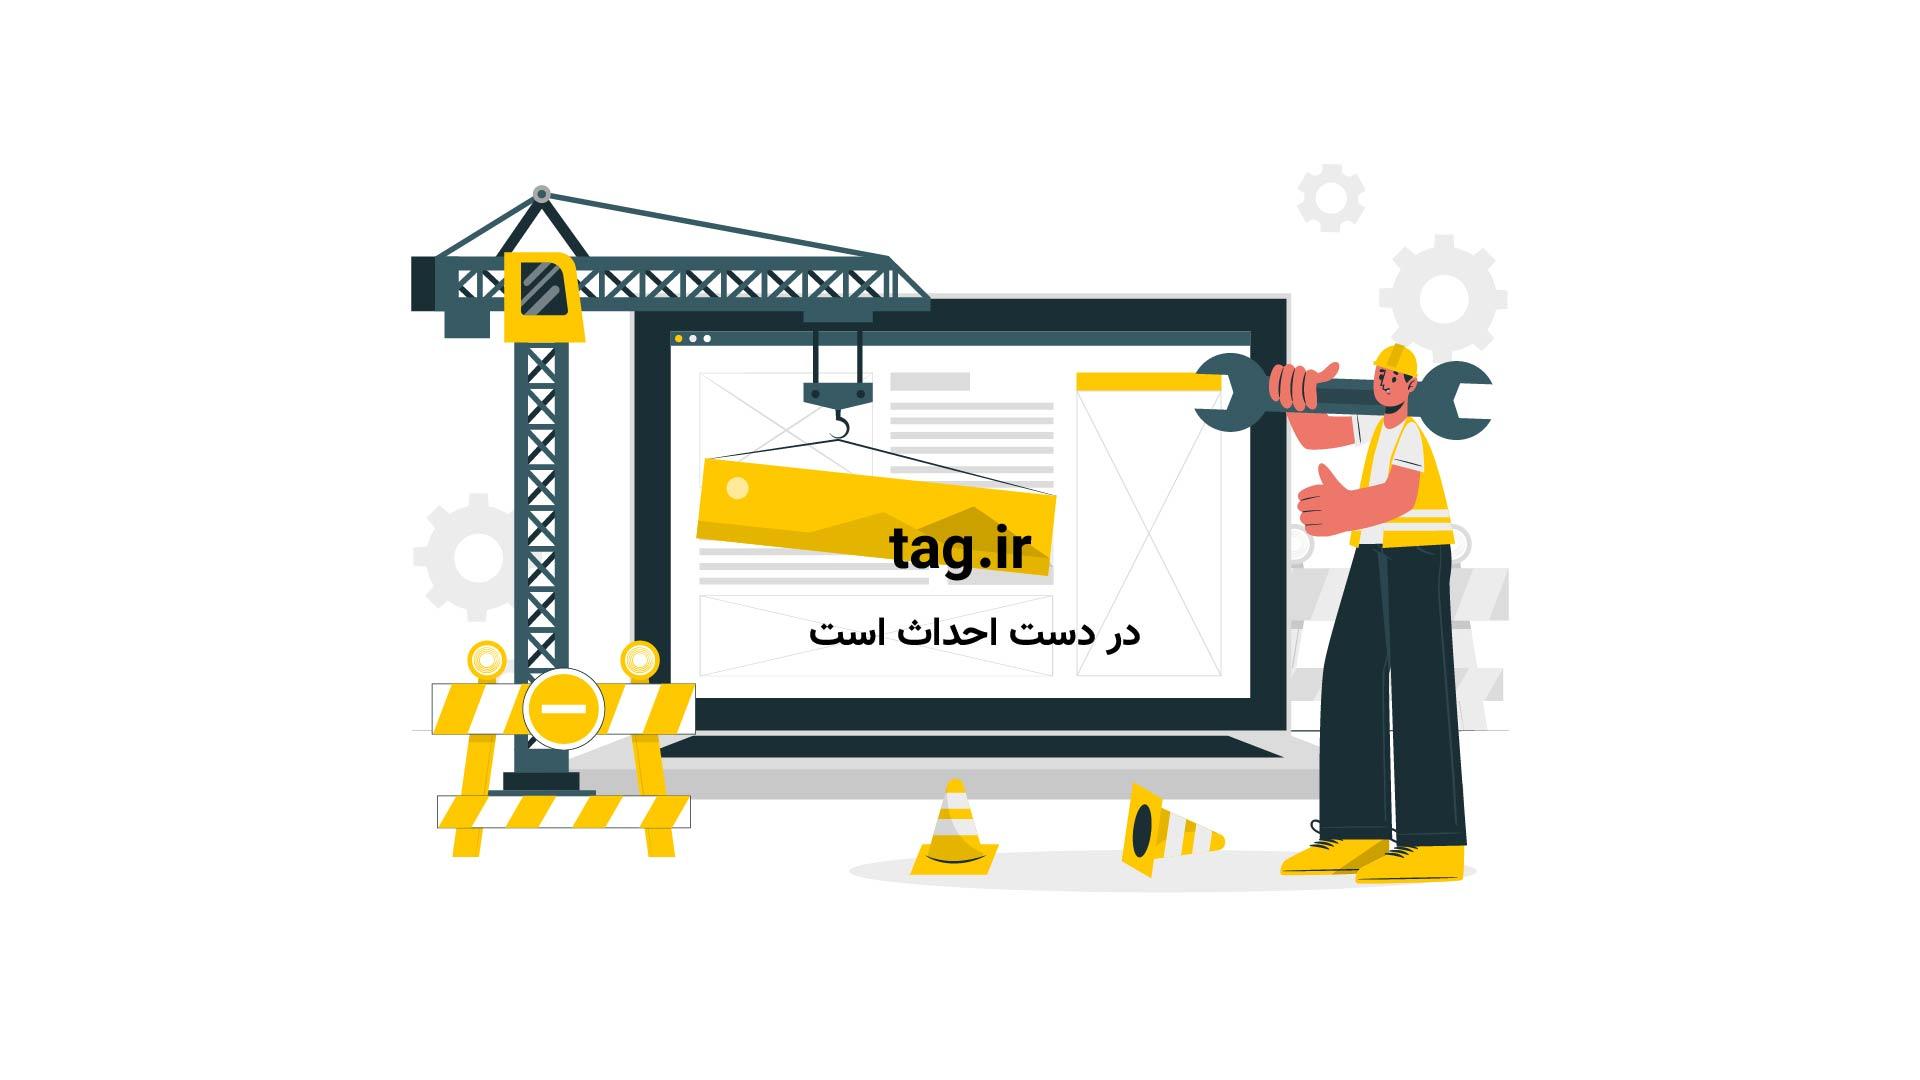 سخنرانی های تد؛ ۱۲ حقیقتی که من از زندگی و نوشتن آموختم |فیلم